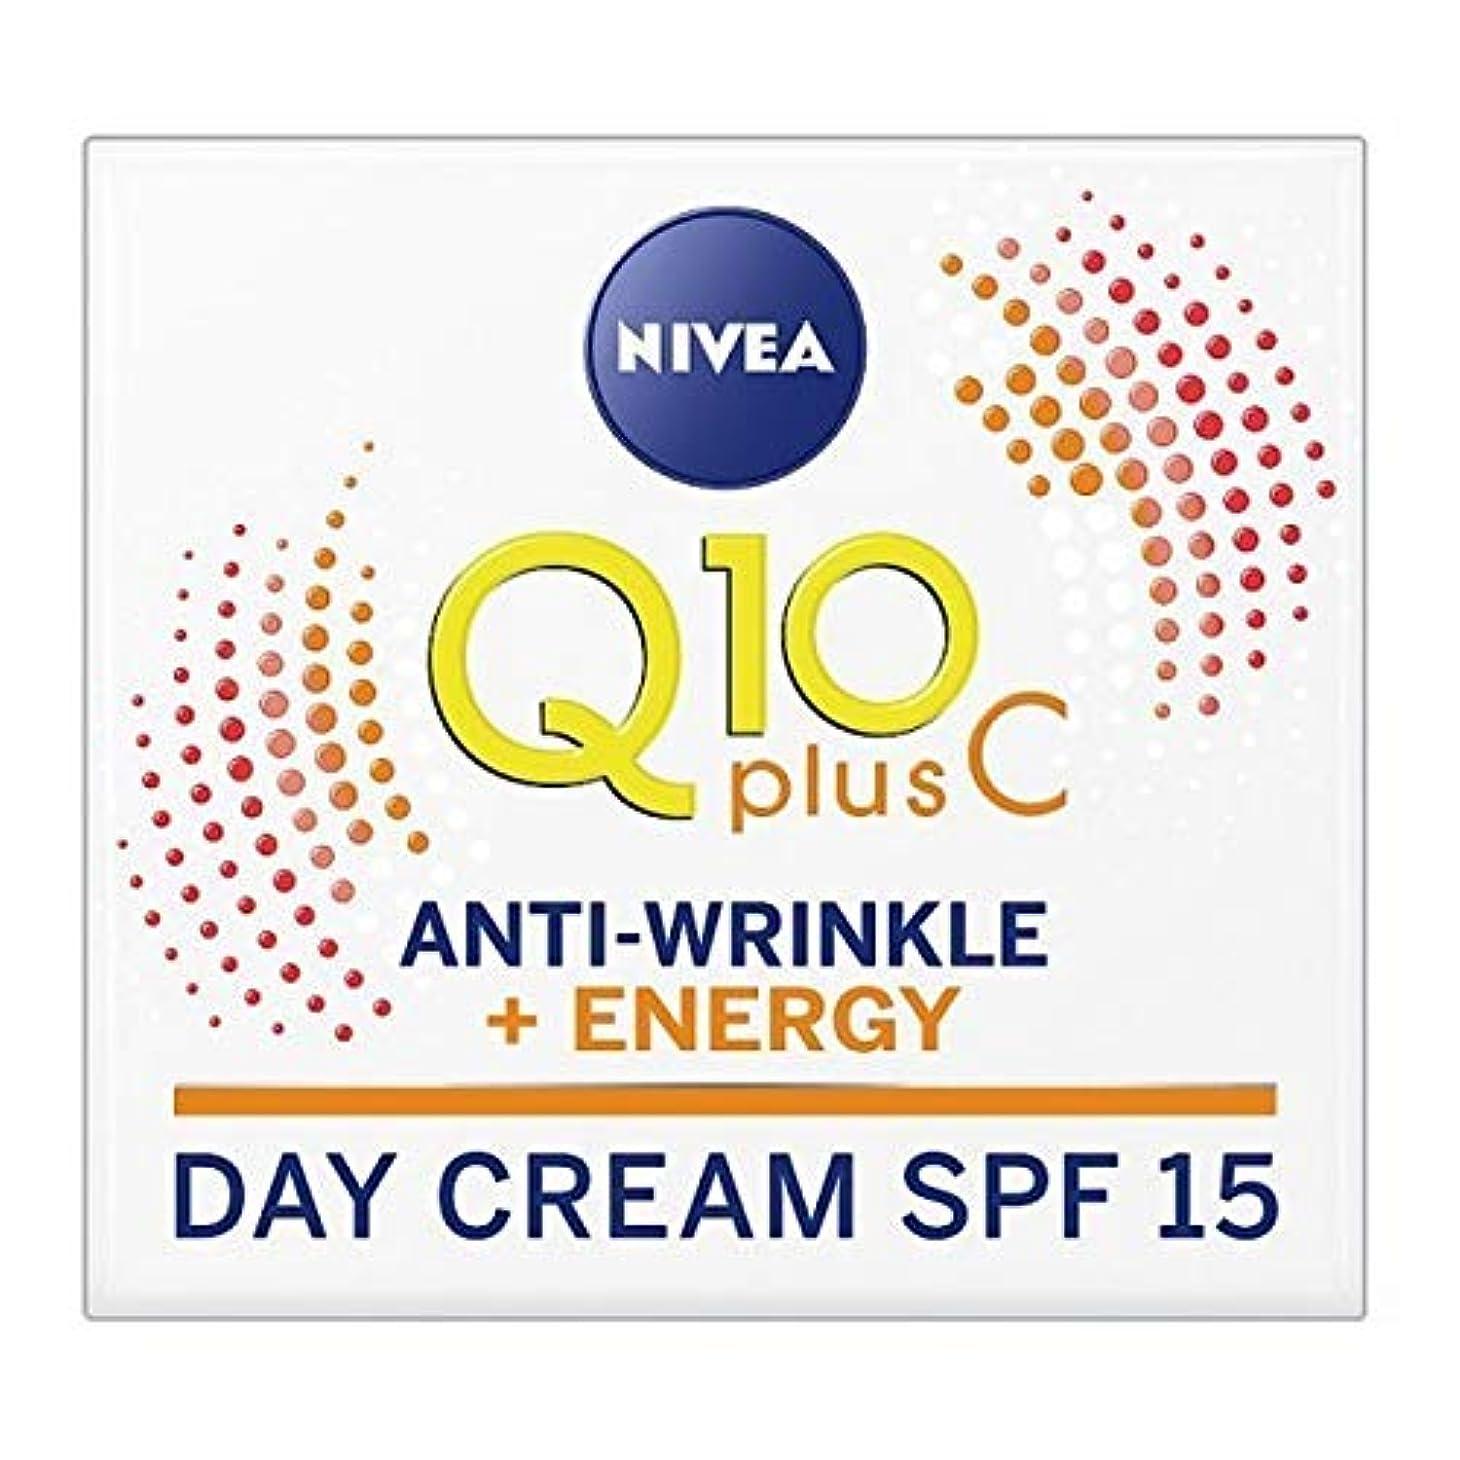 不快なスパイラルドライバ[Nivea ] ニベアのQ10、ビタミンC抗シワエネルギーフェイスクリームSpf 15 - NIVEA Q10 Vitamin C Anti-Wrinkle Energy Face Cream SPF 15 [並行輸入品]